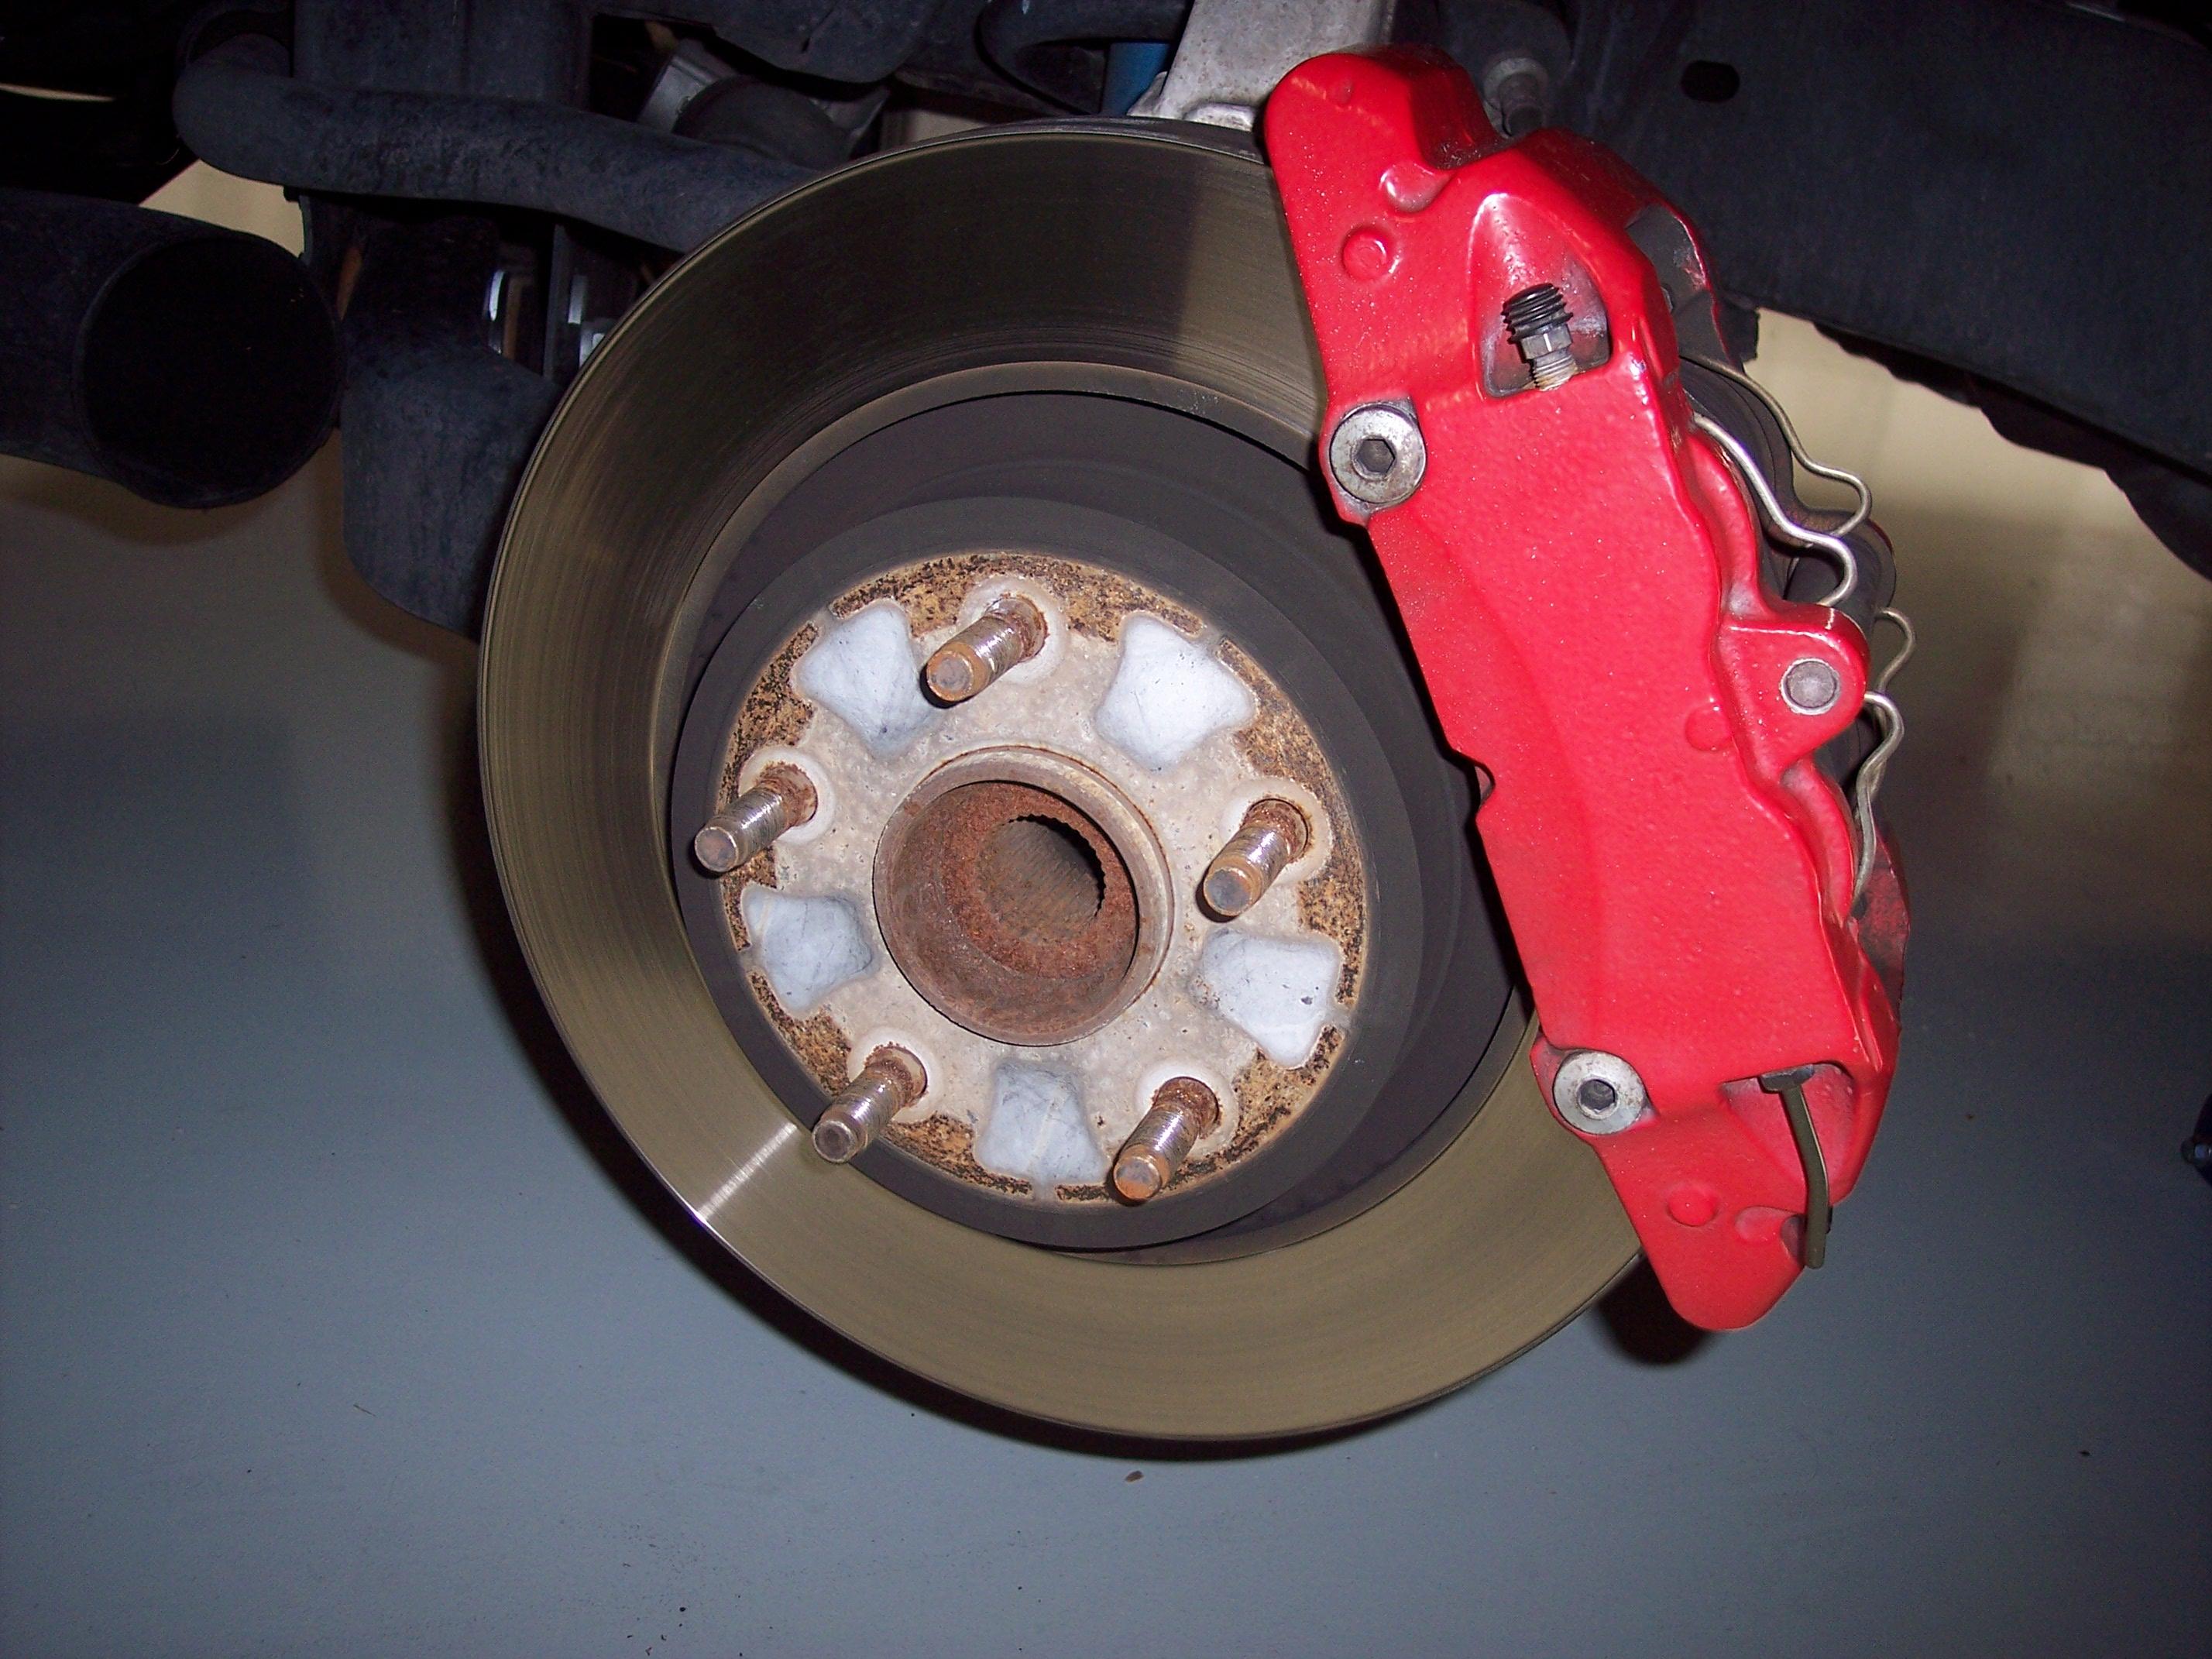 2006 Dodge Ram 1500 Srt10 Front Baer Rotors And Ebc Pads